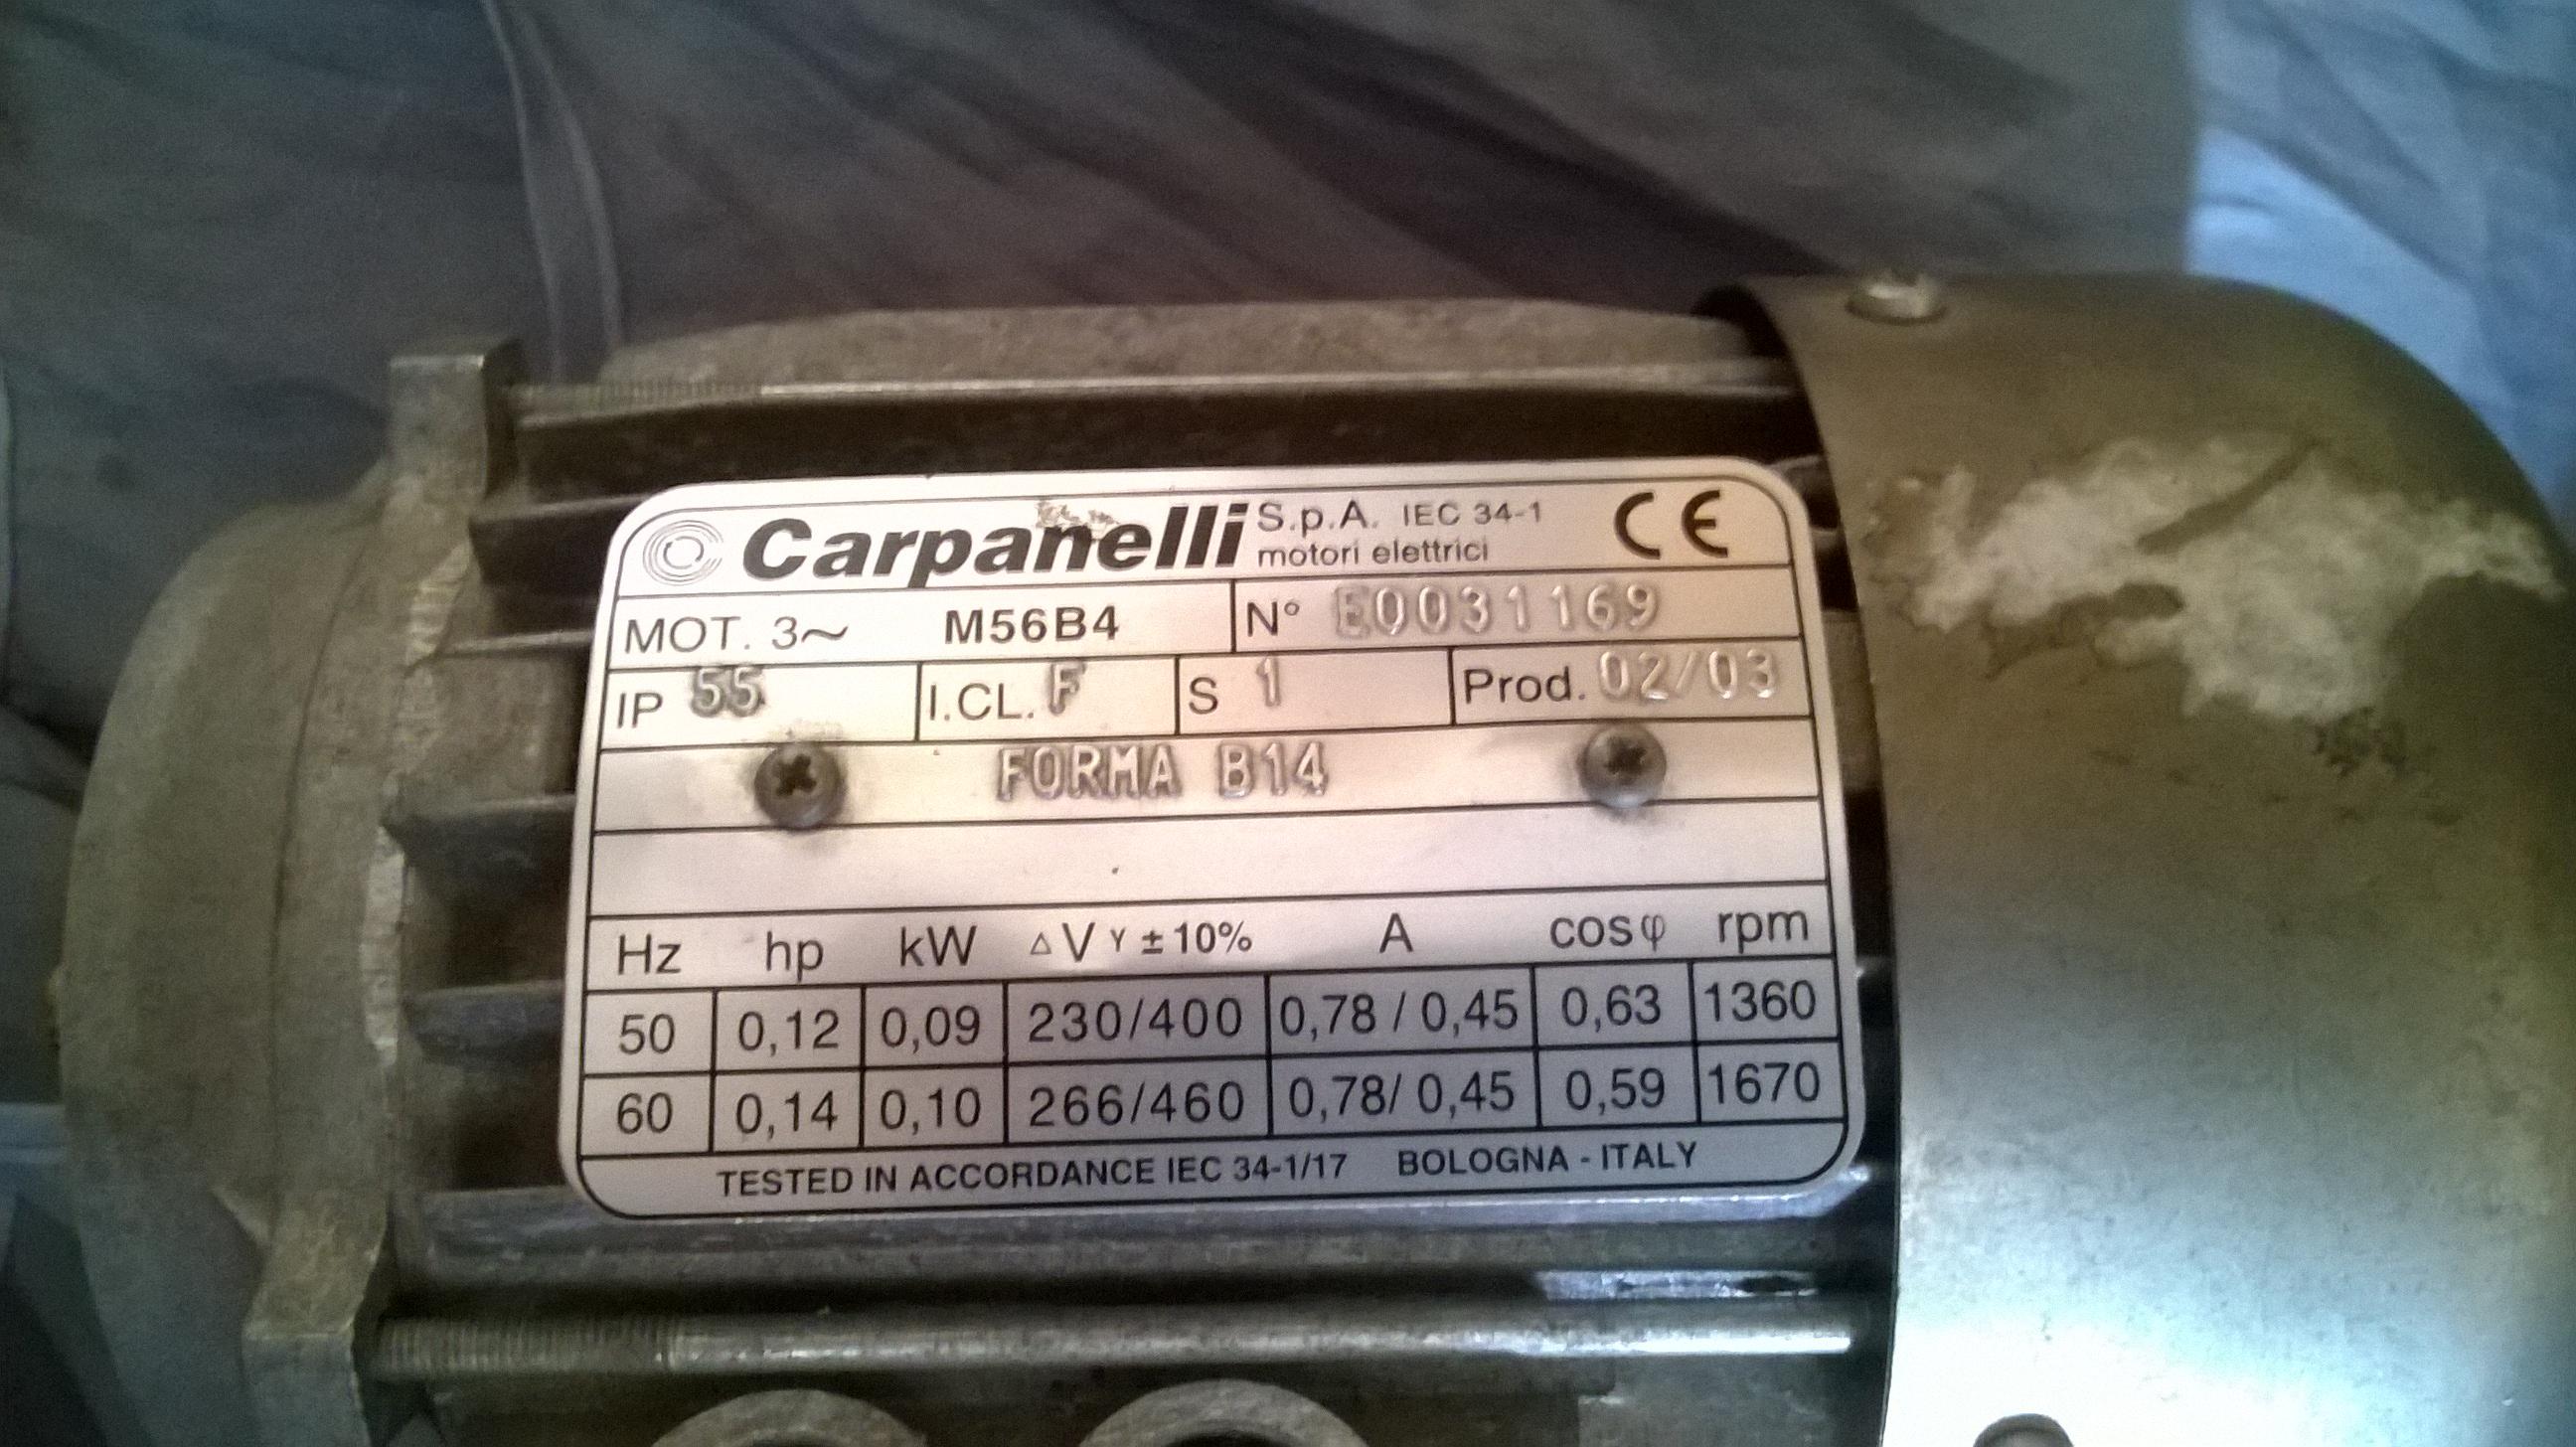 [Sprzedam] Silnik Carpanelli M56B4 plus motoreduktor